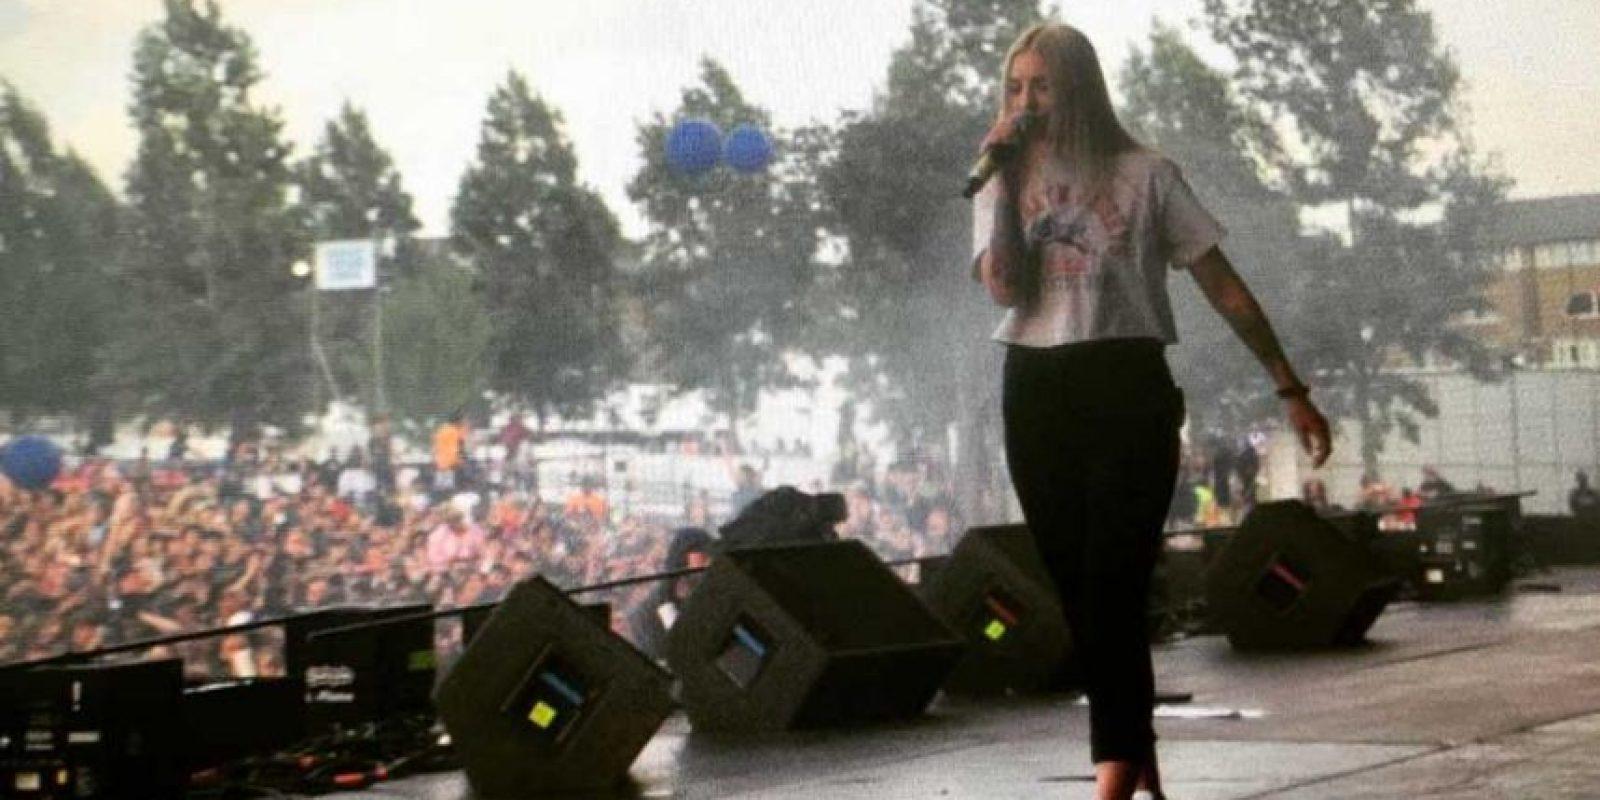 Acompañado de la cantante Julia Michaels. Foto:Vía instagram.com/imjmichaels